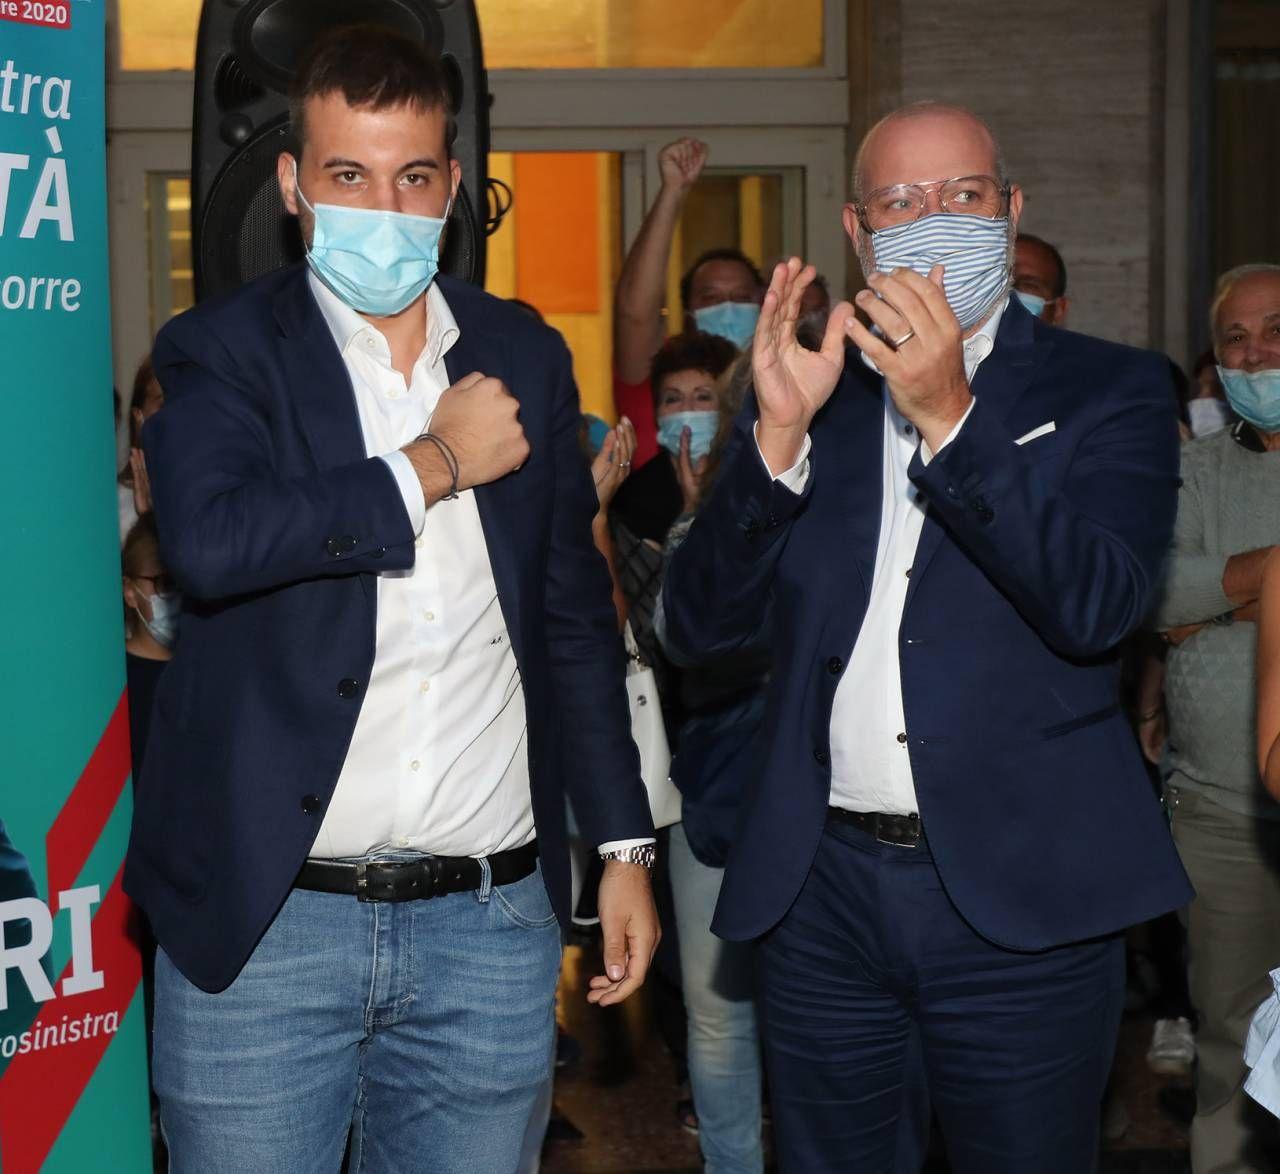 I festeggiamenti di Marco Panieri, 30 anni, neo sindaco di centrosinistra a Imola, insieme